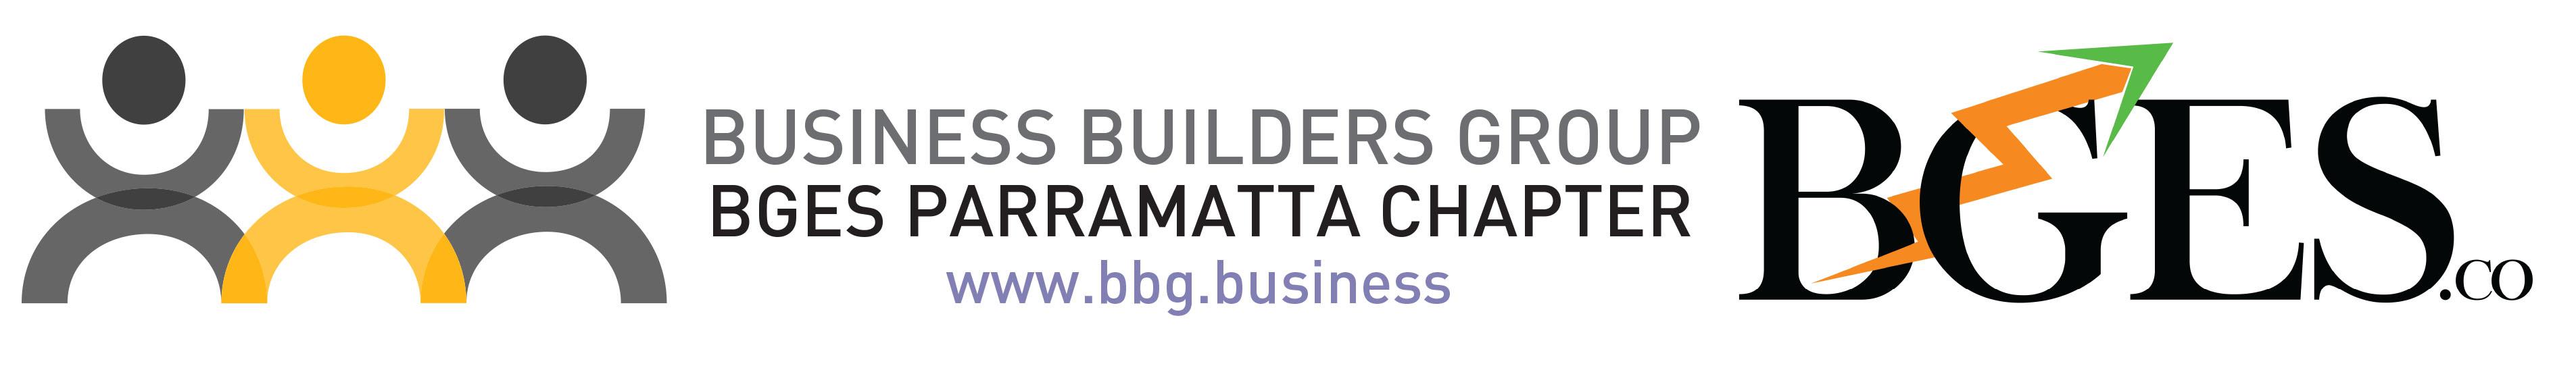 BBG BGES Logo